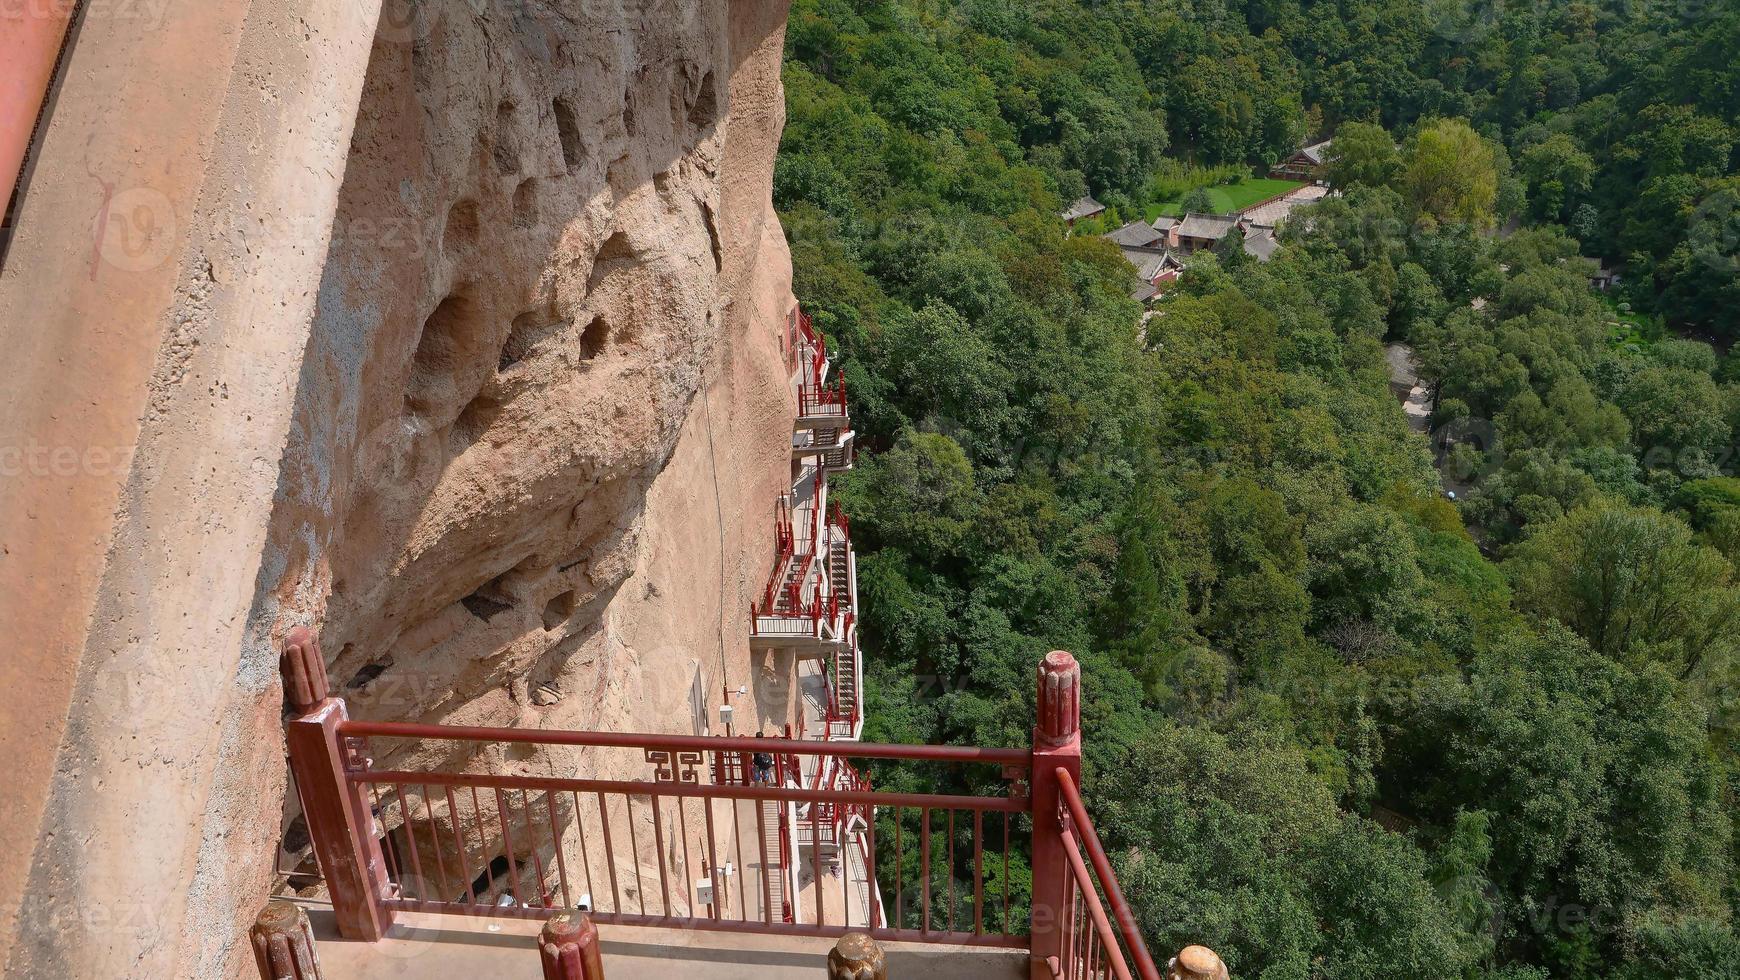 Complexe de temples-grottes de maijishan dans la ville de tianshui, province du gansu en chine photo